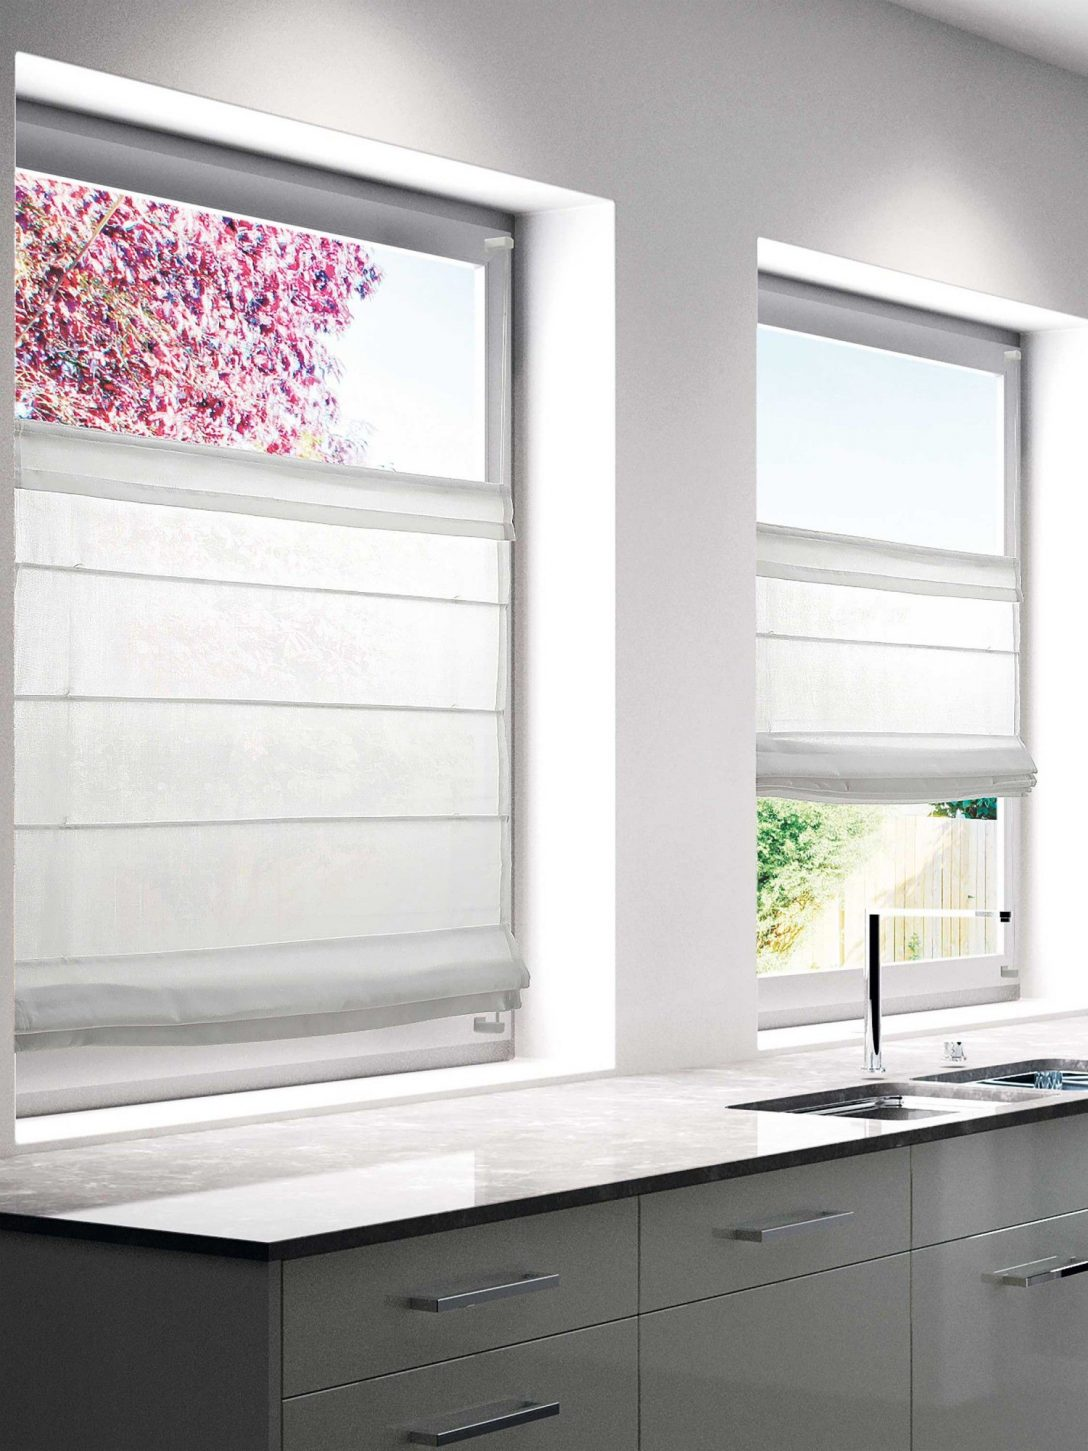 Large Size of Window Covering Ideas Kchenfenster Gardinen Küche Für Die Scheibengardinen Schlafzimmer Wohnzimmer Fenster Wohnzimmer Gardinen Küchenfenster